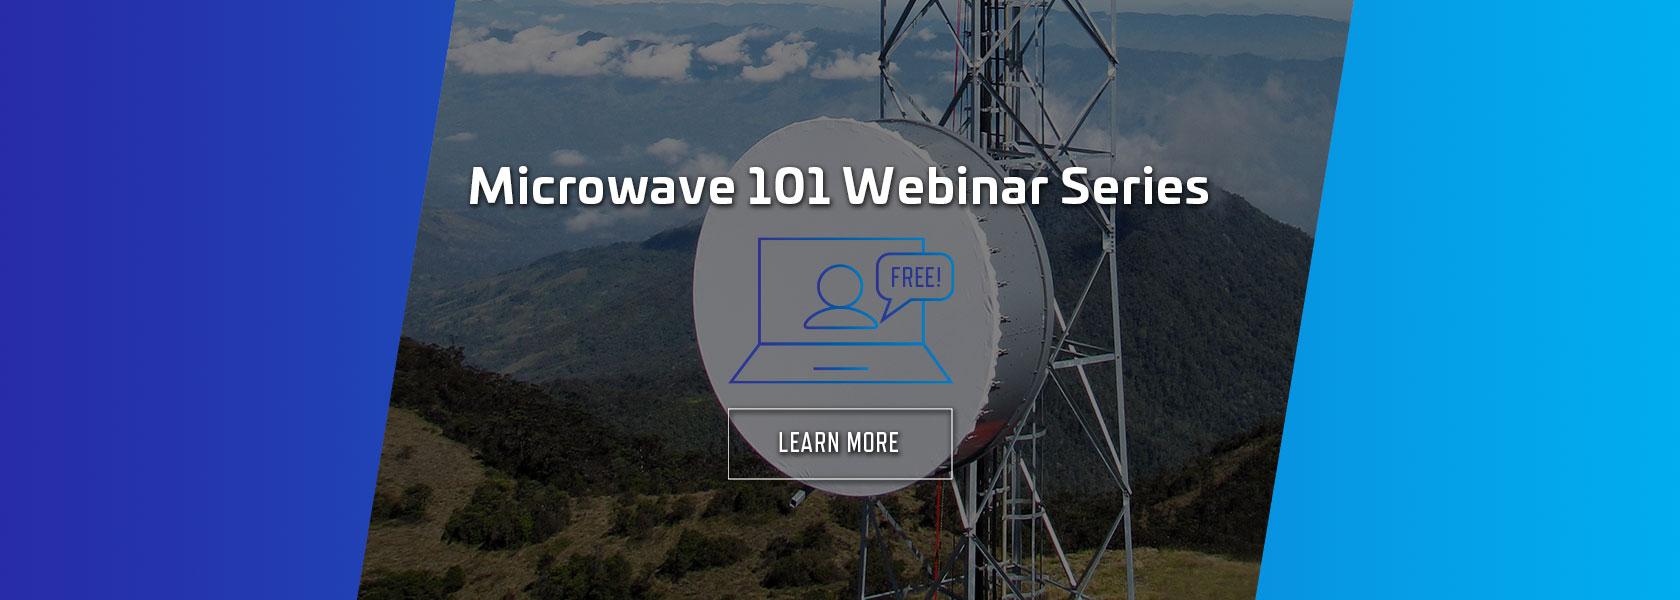 Microwave 101 Webinar Series